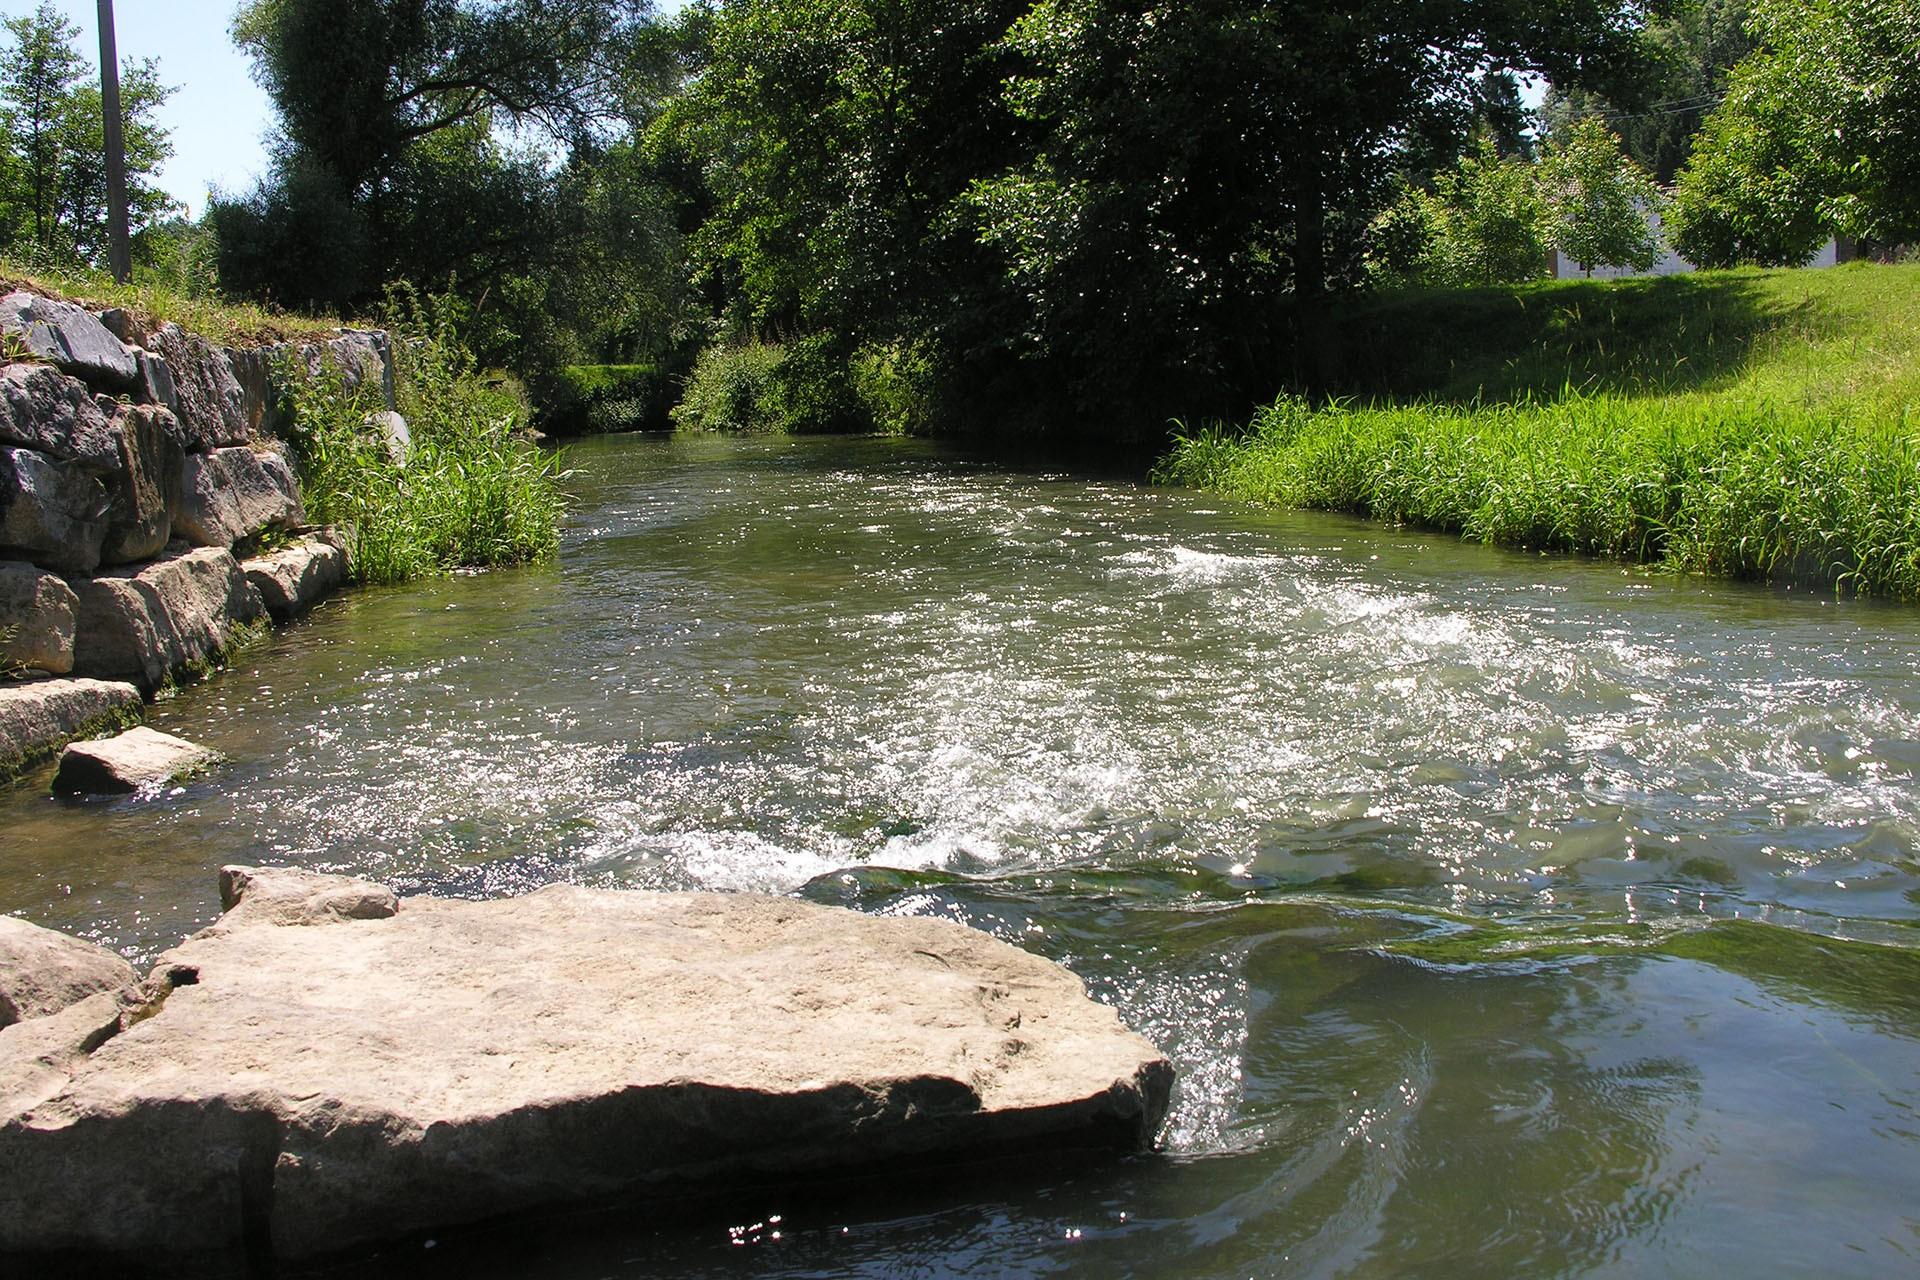 The Vallées de la Burdinale et de la Mehaigne Natural Park